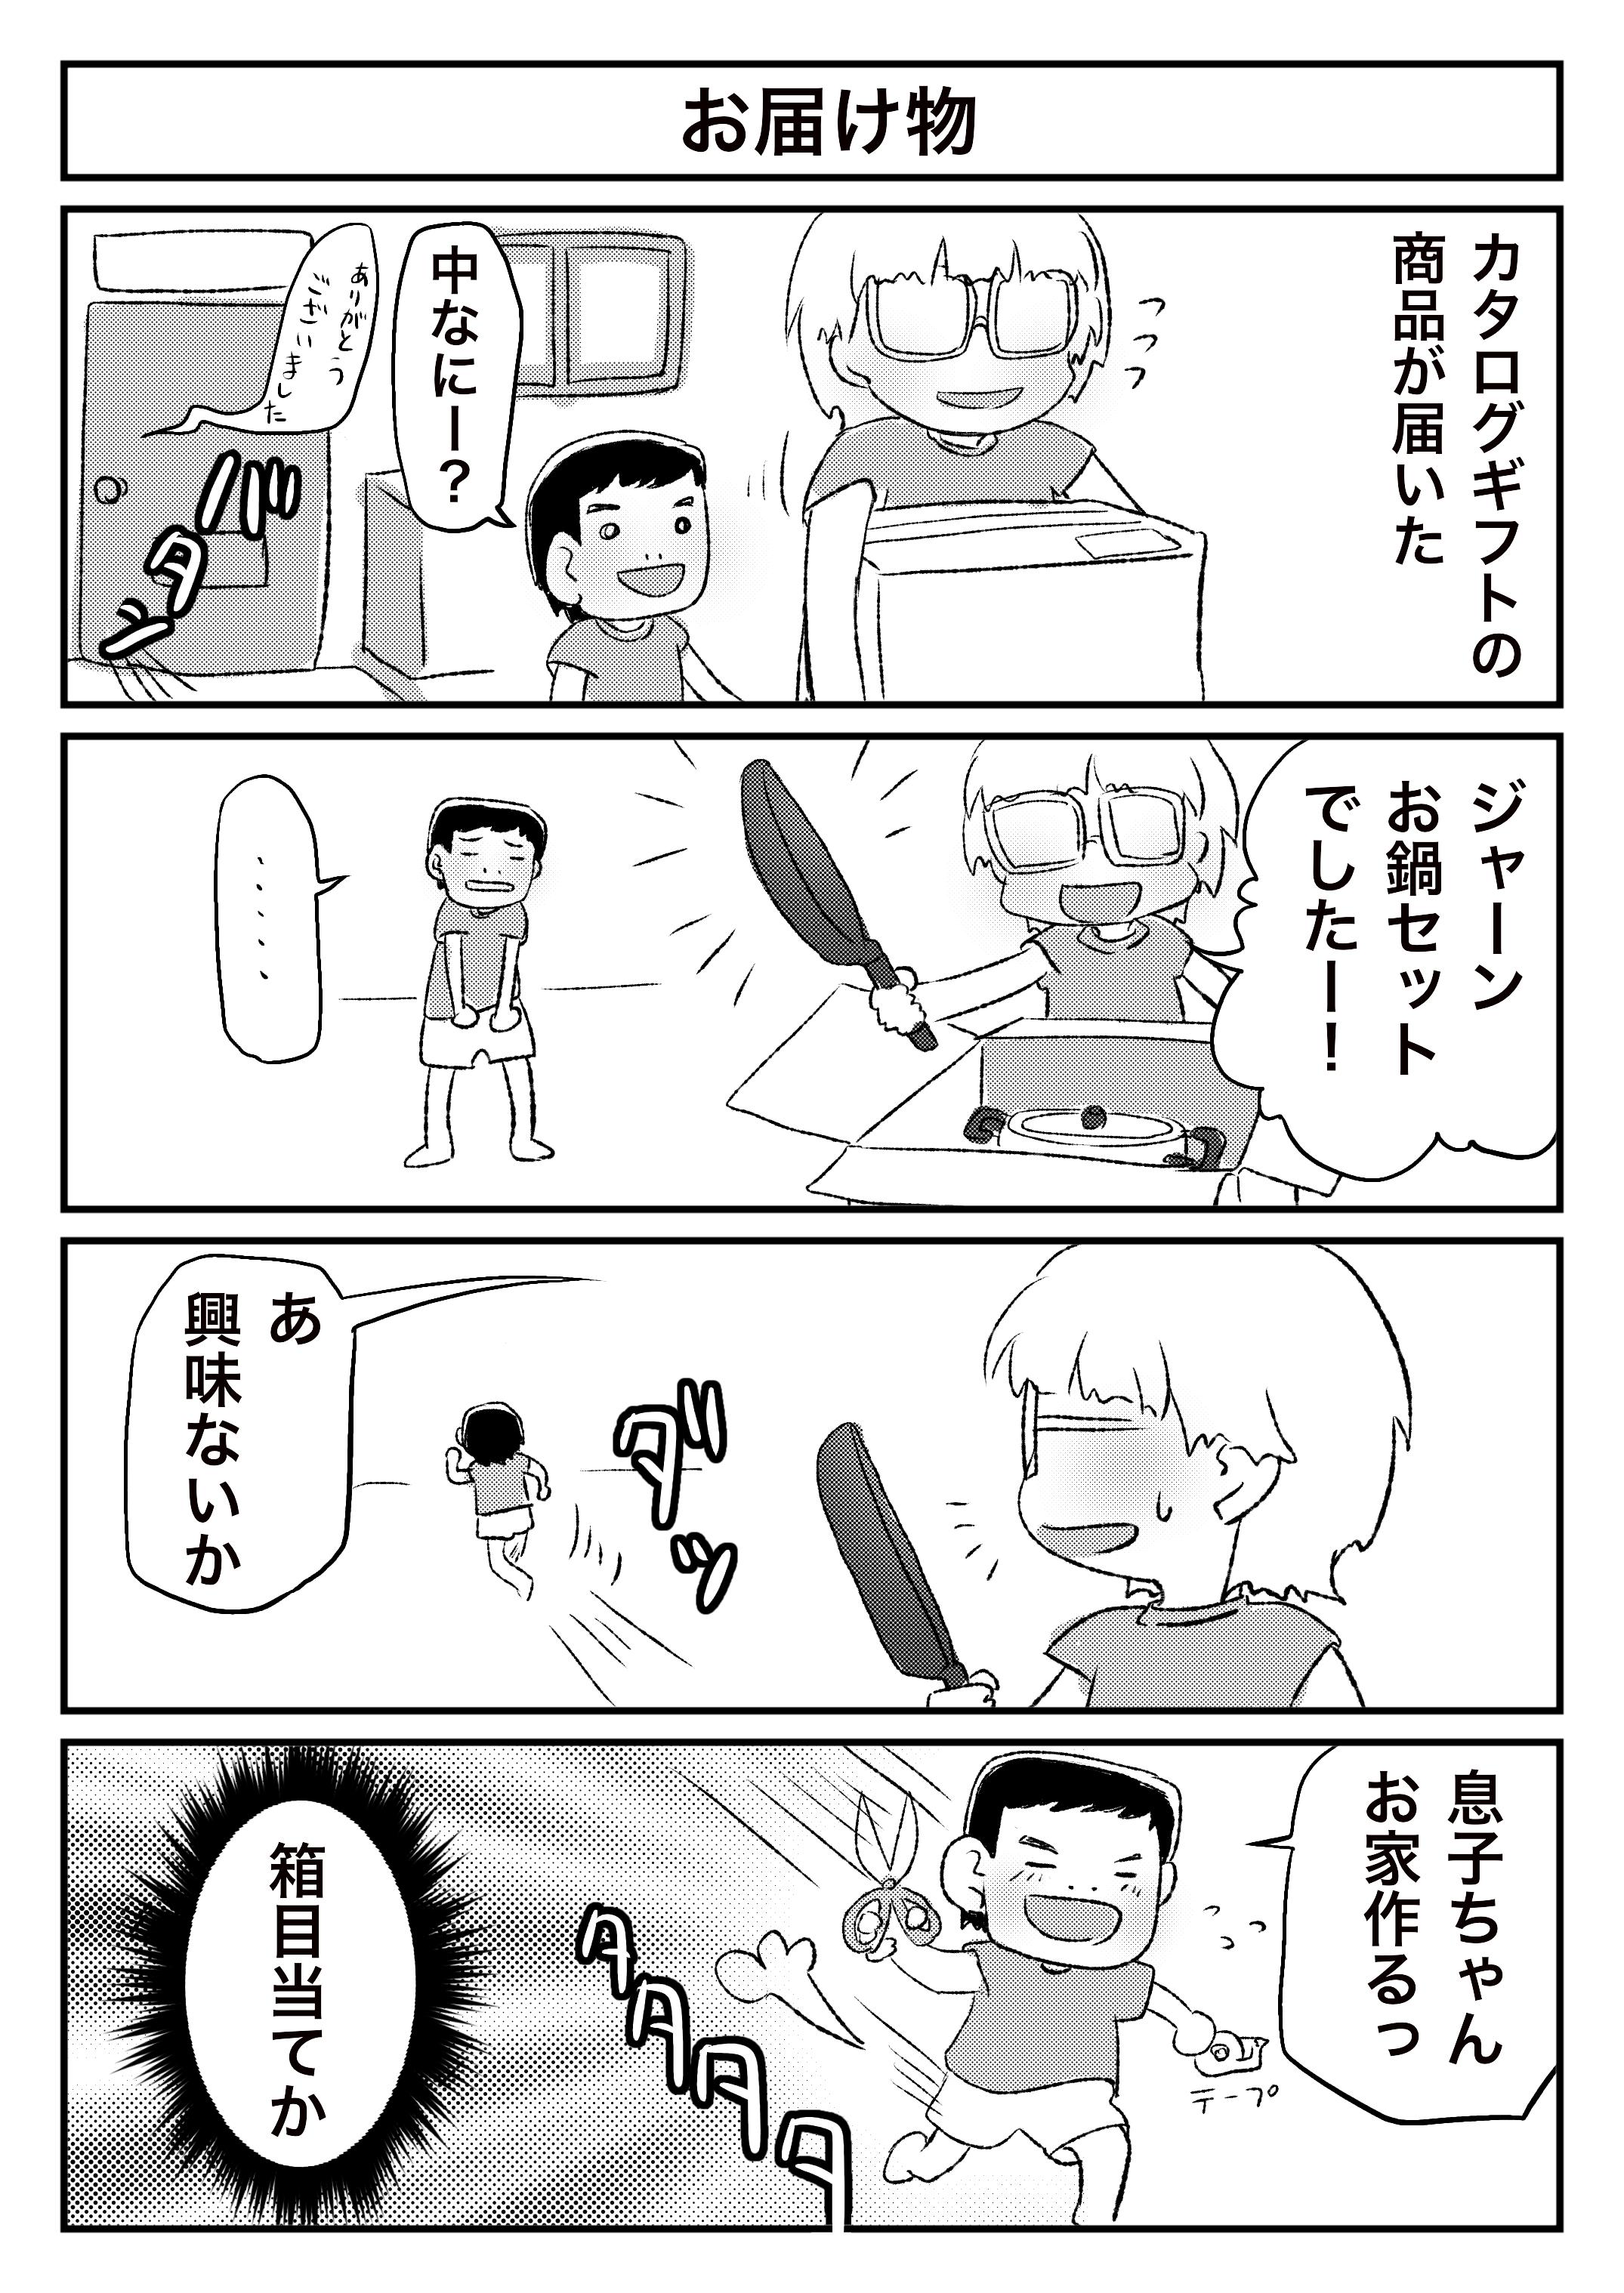 育児漫画116